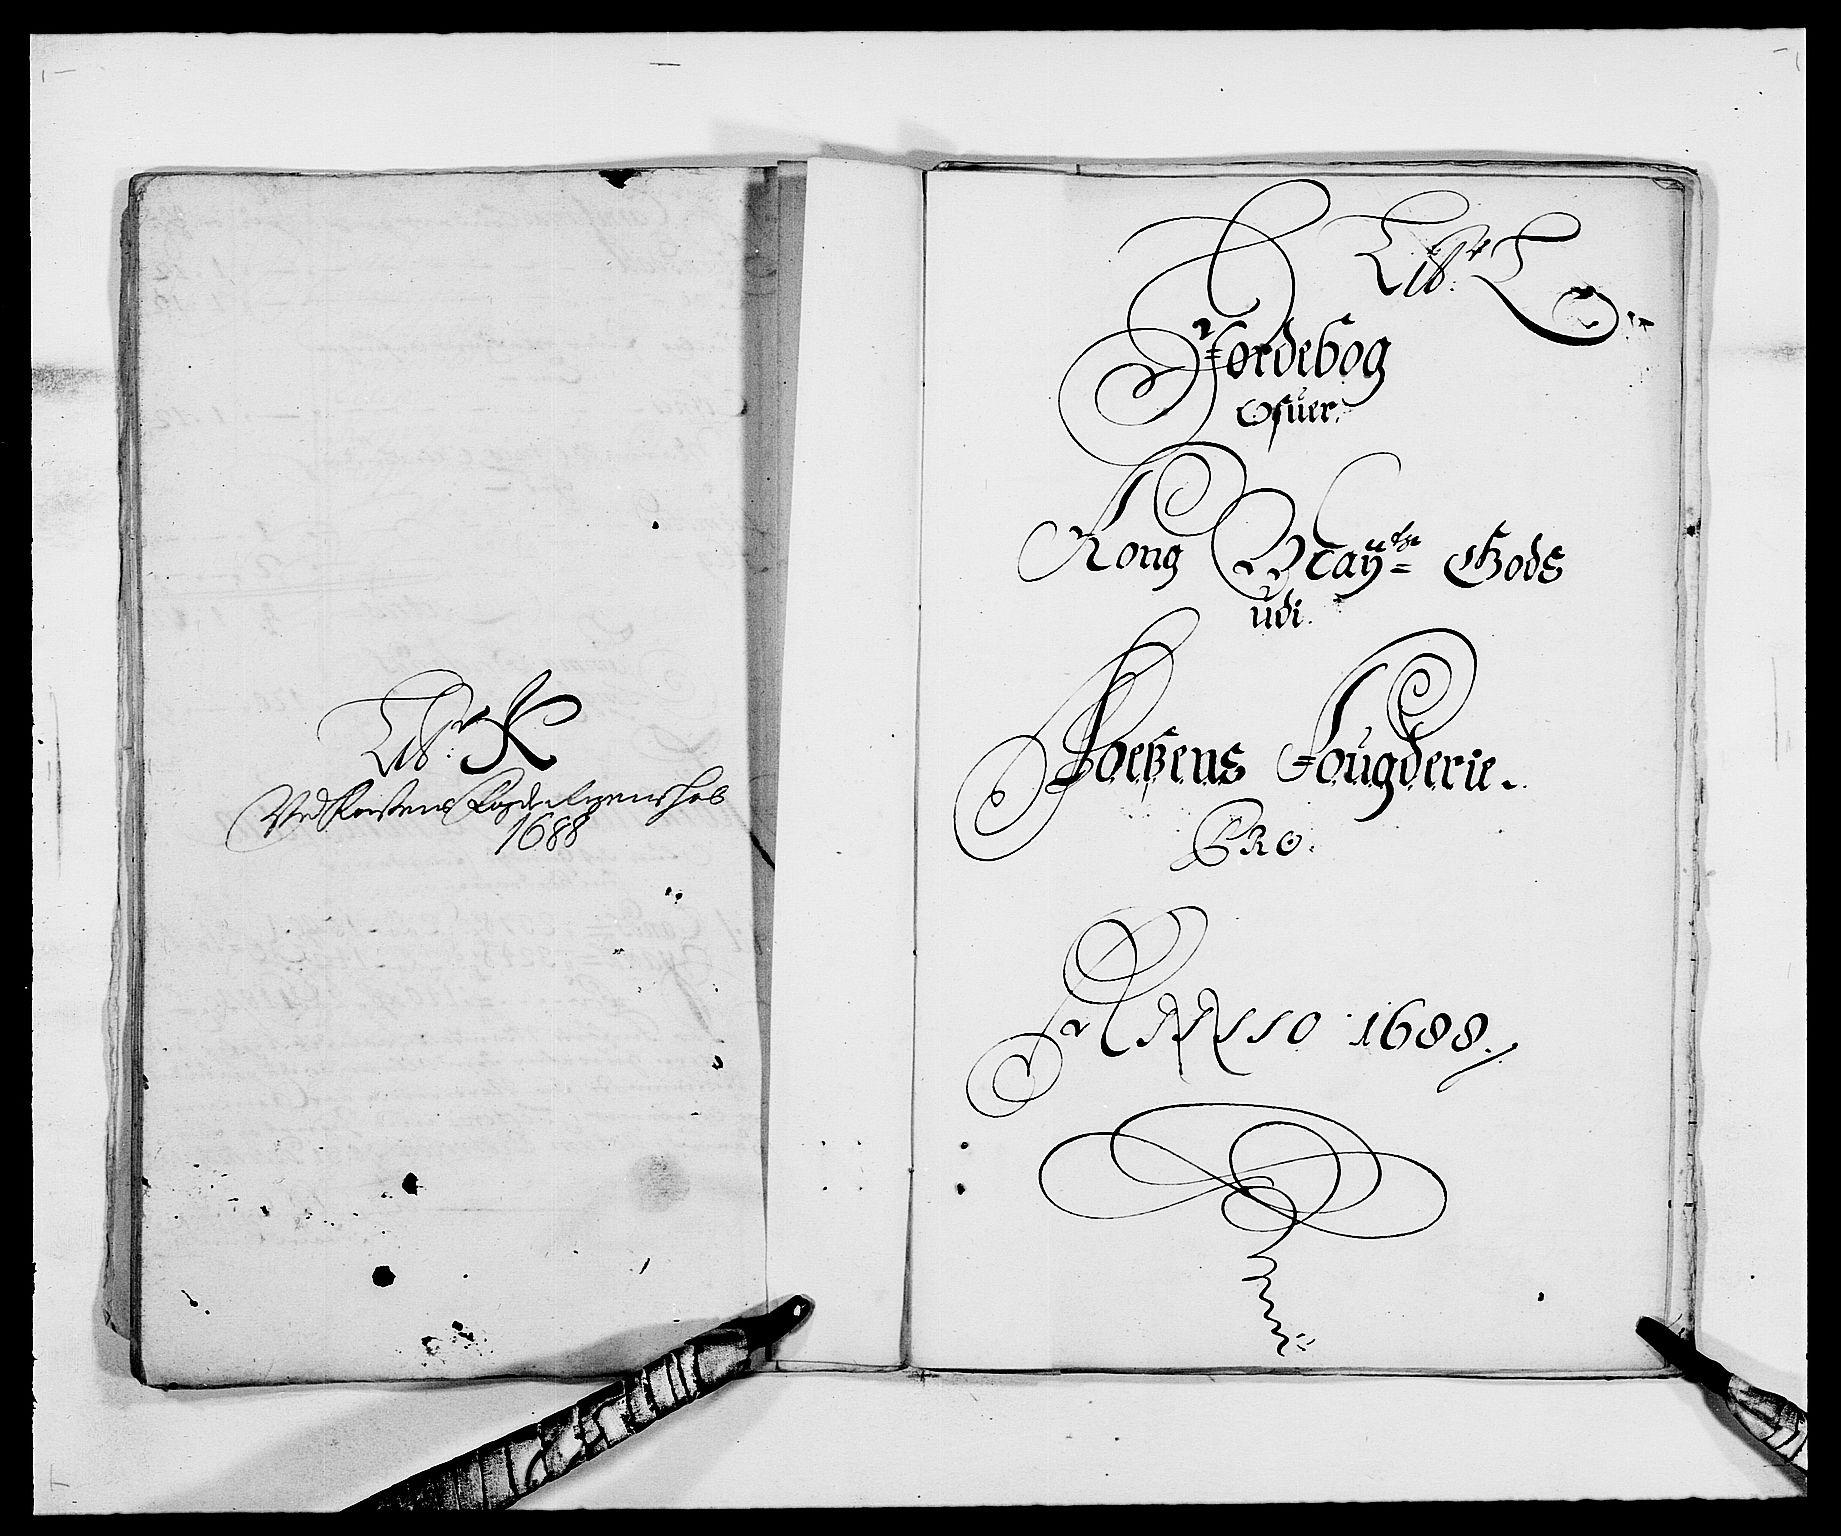 RA, Rentekammeret inntil 1814, Reviderte regnskaper, Fogderegnskap, R57/L3846: Fogderegnskap Fosen, 1688, s. 134